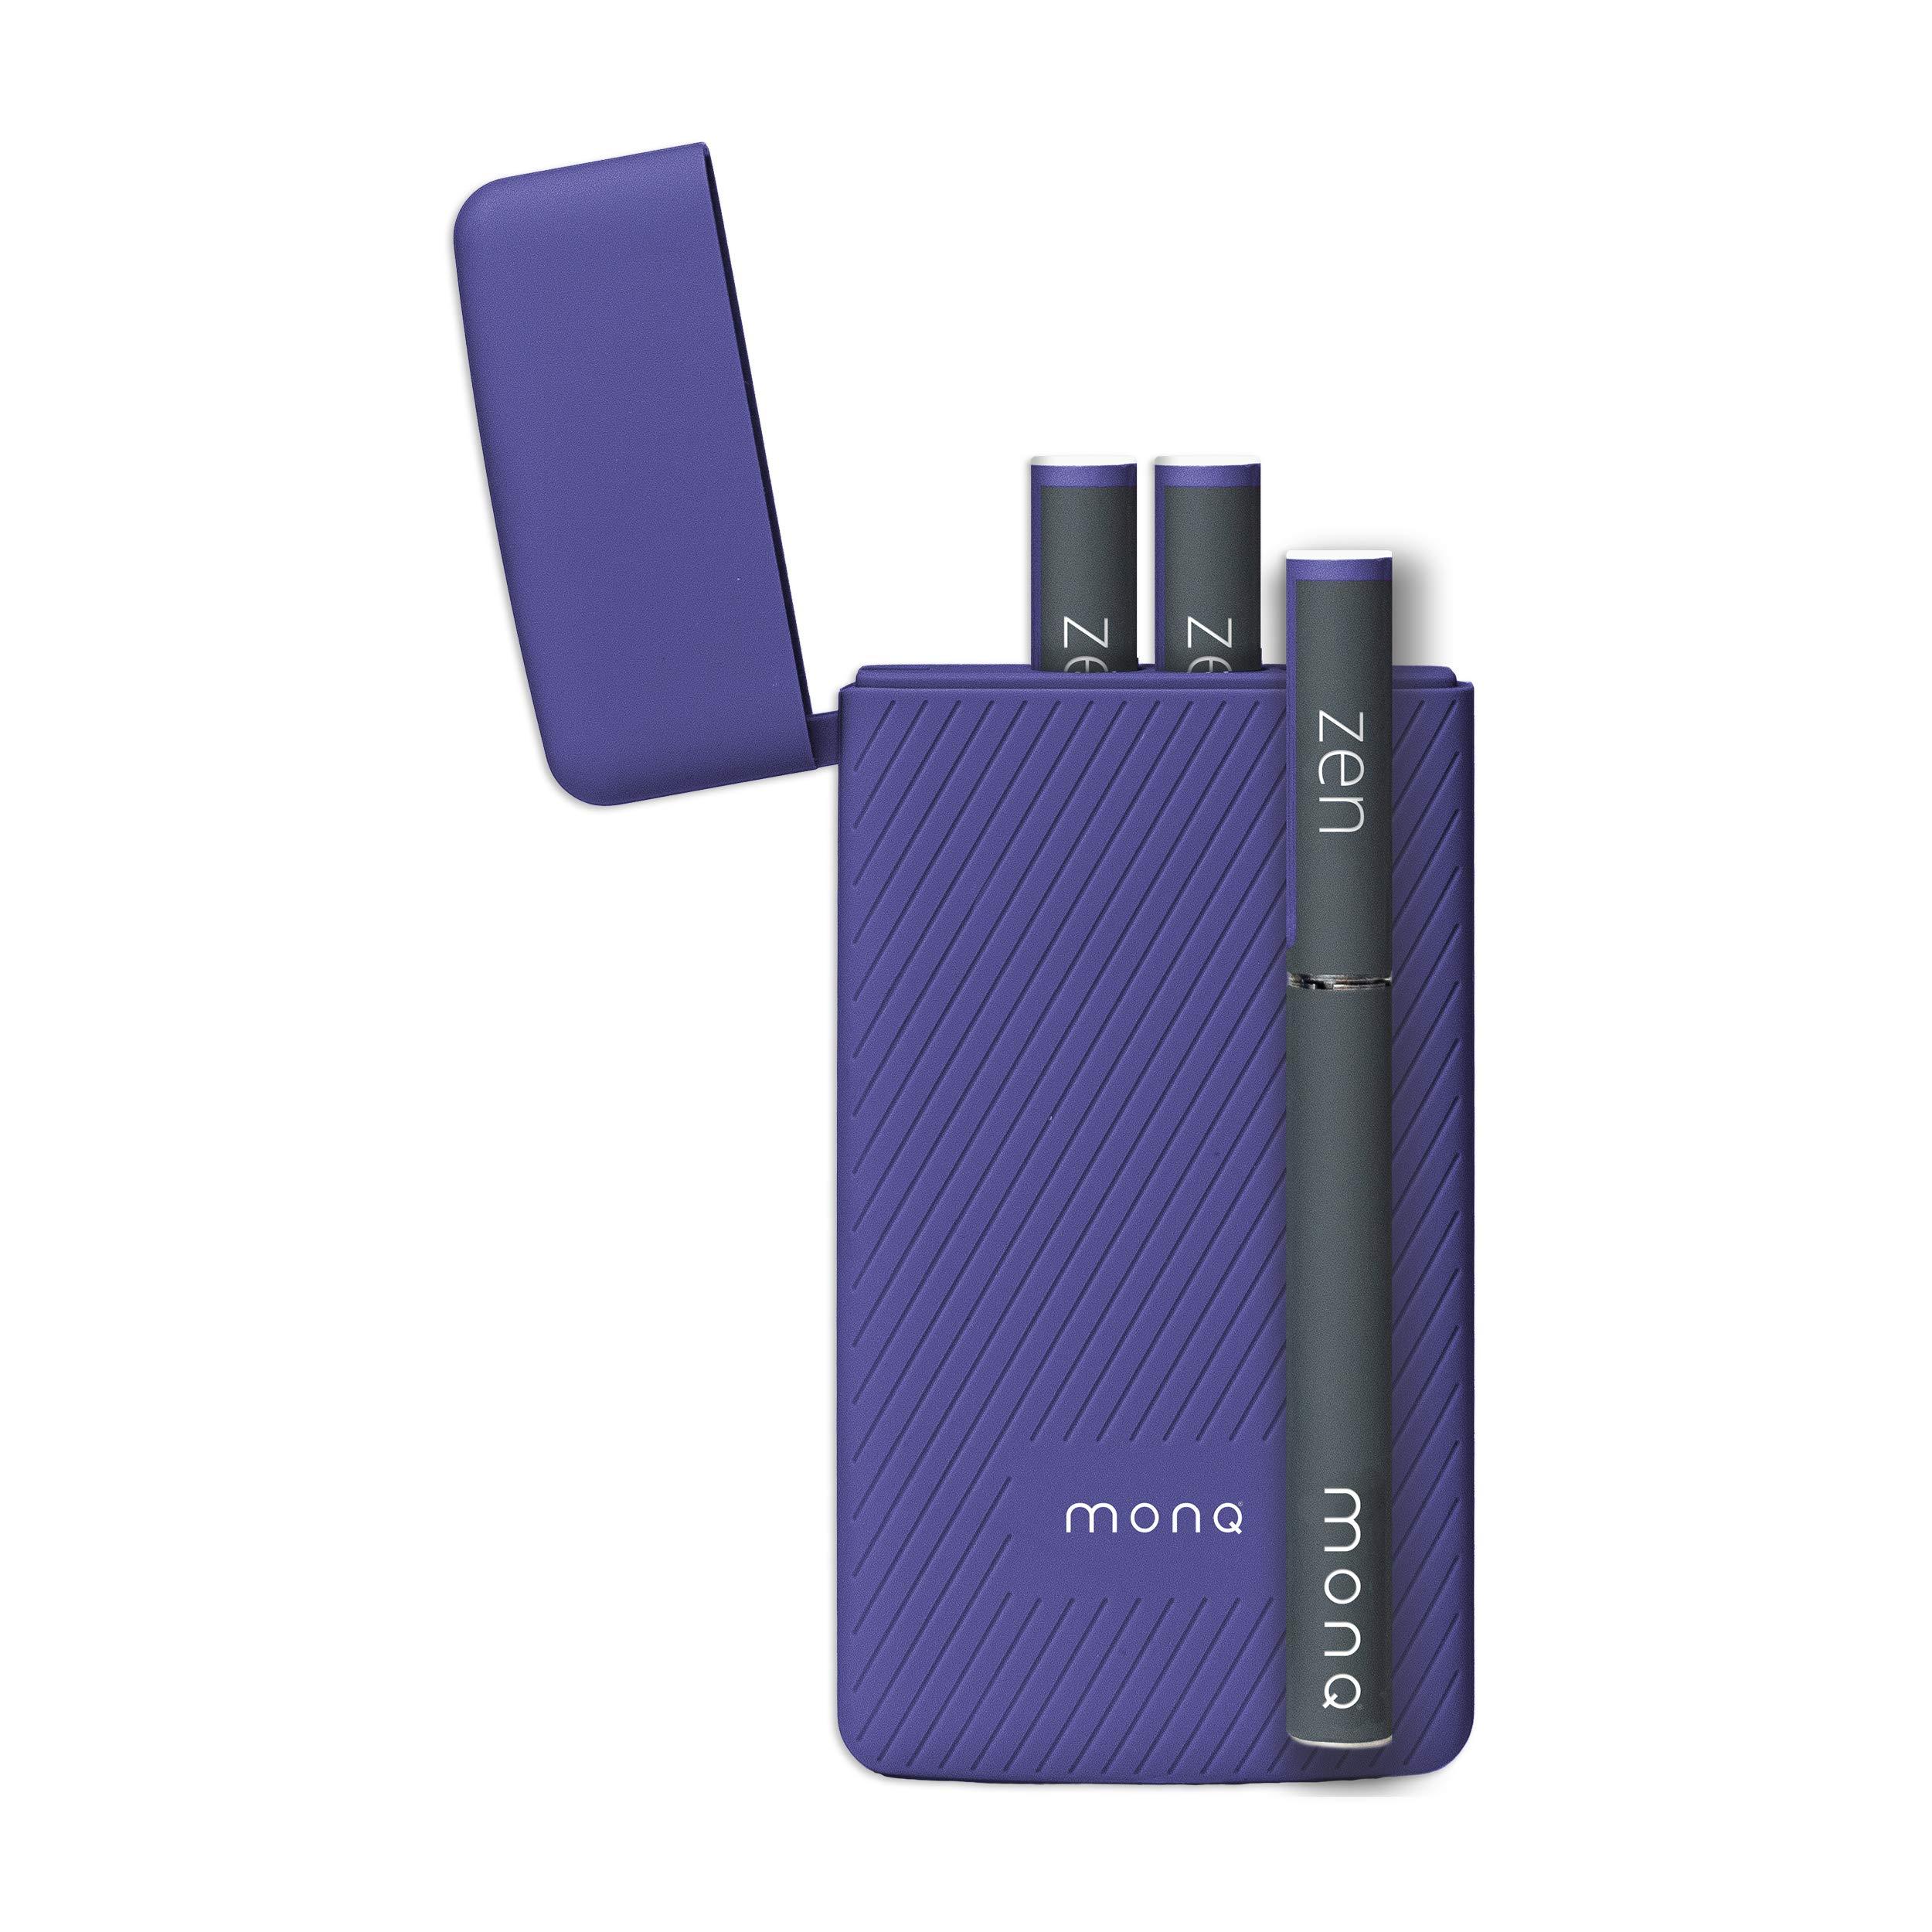 MONQ R - Portable, Rechargeable Essential Oil Diffuser - Zen Blend by MONQ